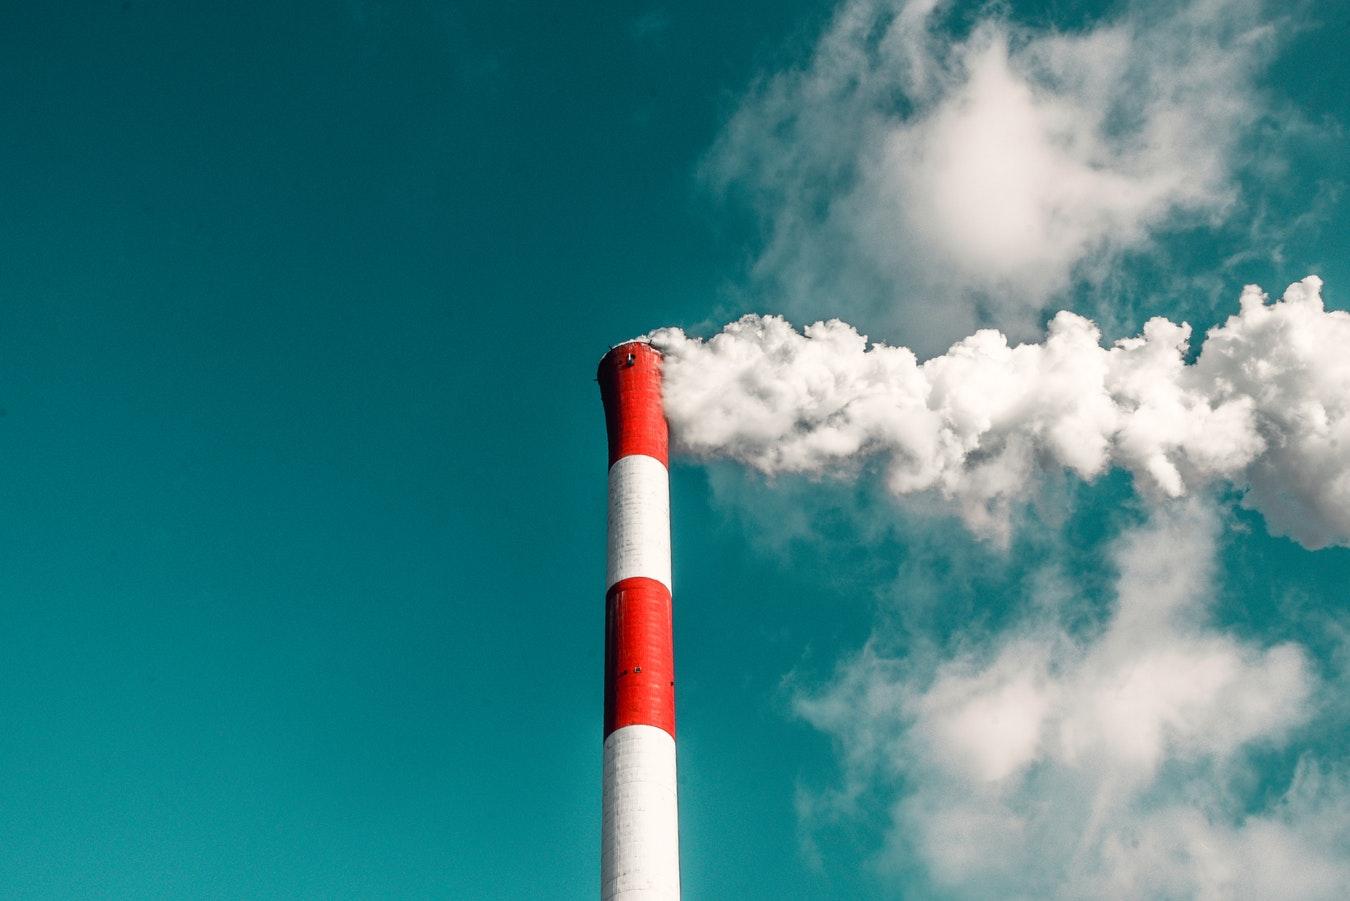 空污拉警報!紫爆頻傳 2019空污論壇討論改善空氣品質